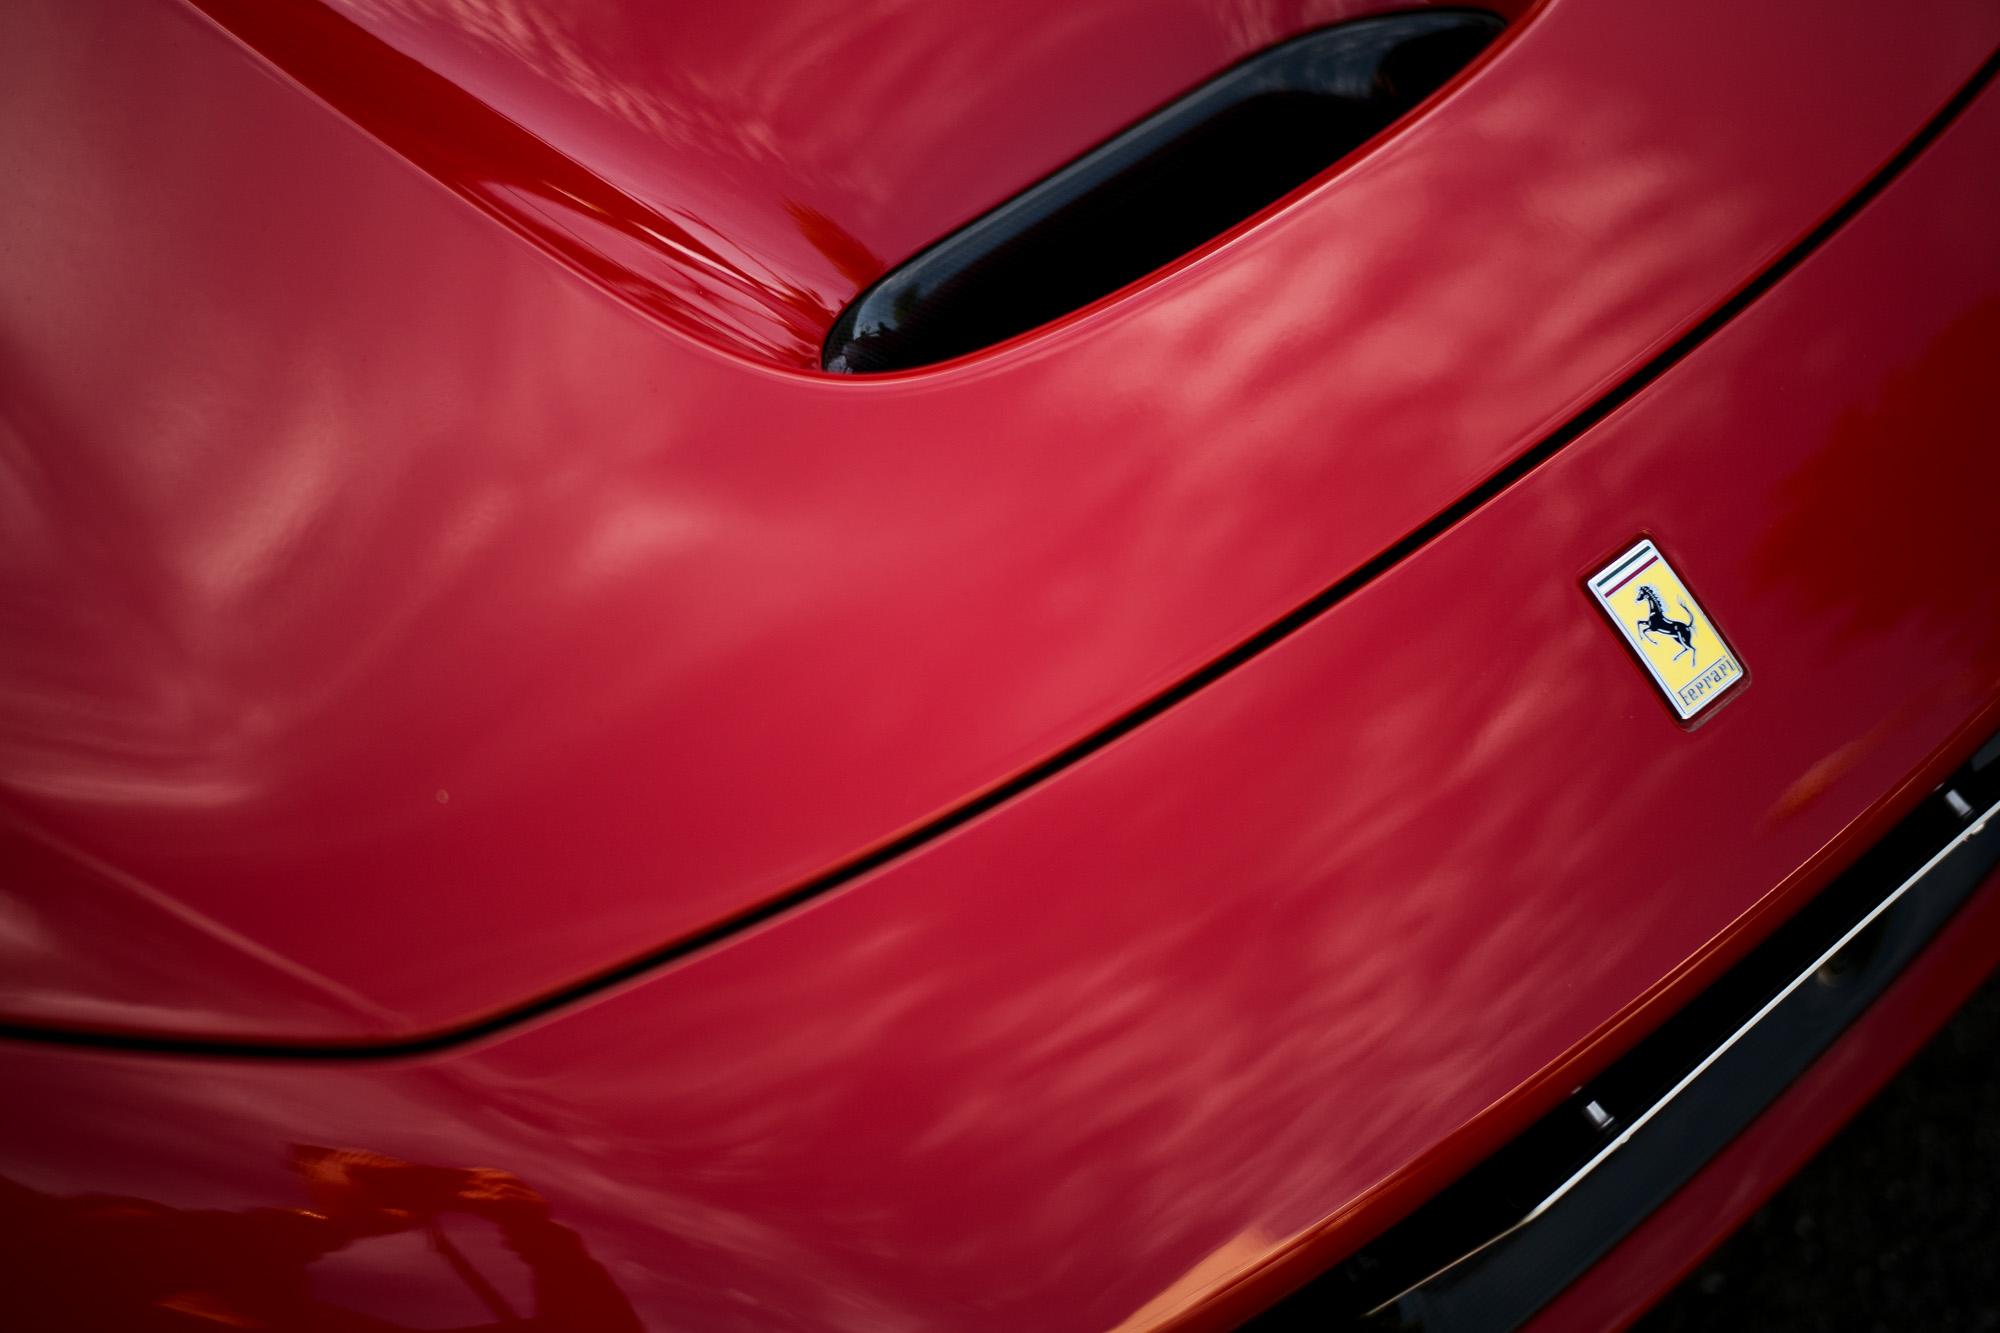 Ferrari F8 TRIBUTO フェラーリ トリブート 跳ね馬 V8 ミッドリヤエンジン スポーツカー  Ferrari F8 Tributo 愛知 名古屋 CORNES コーンズ ショールーム